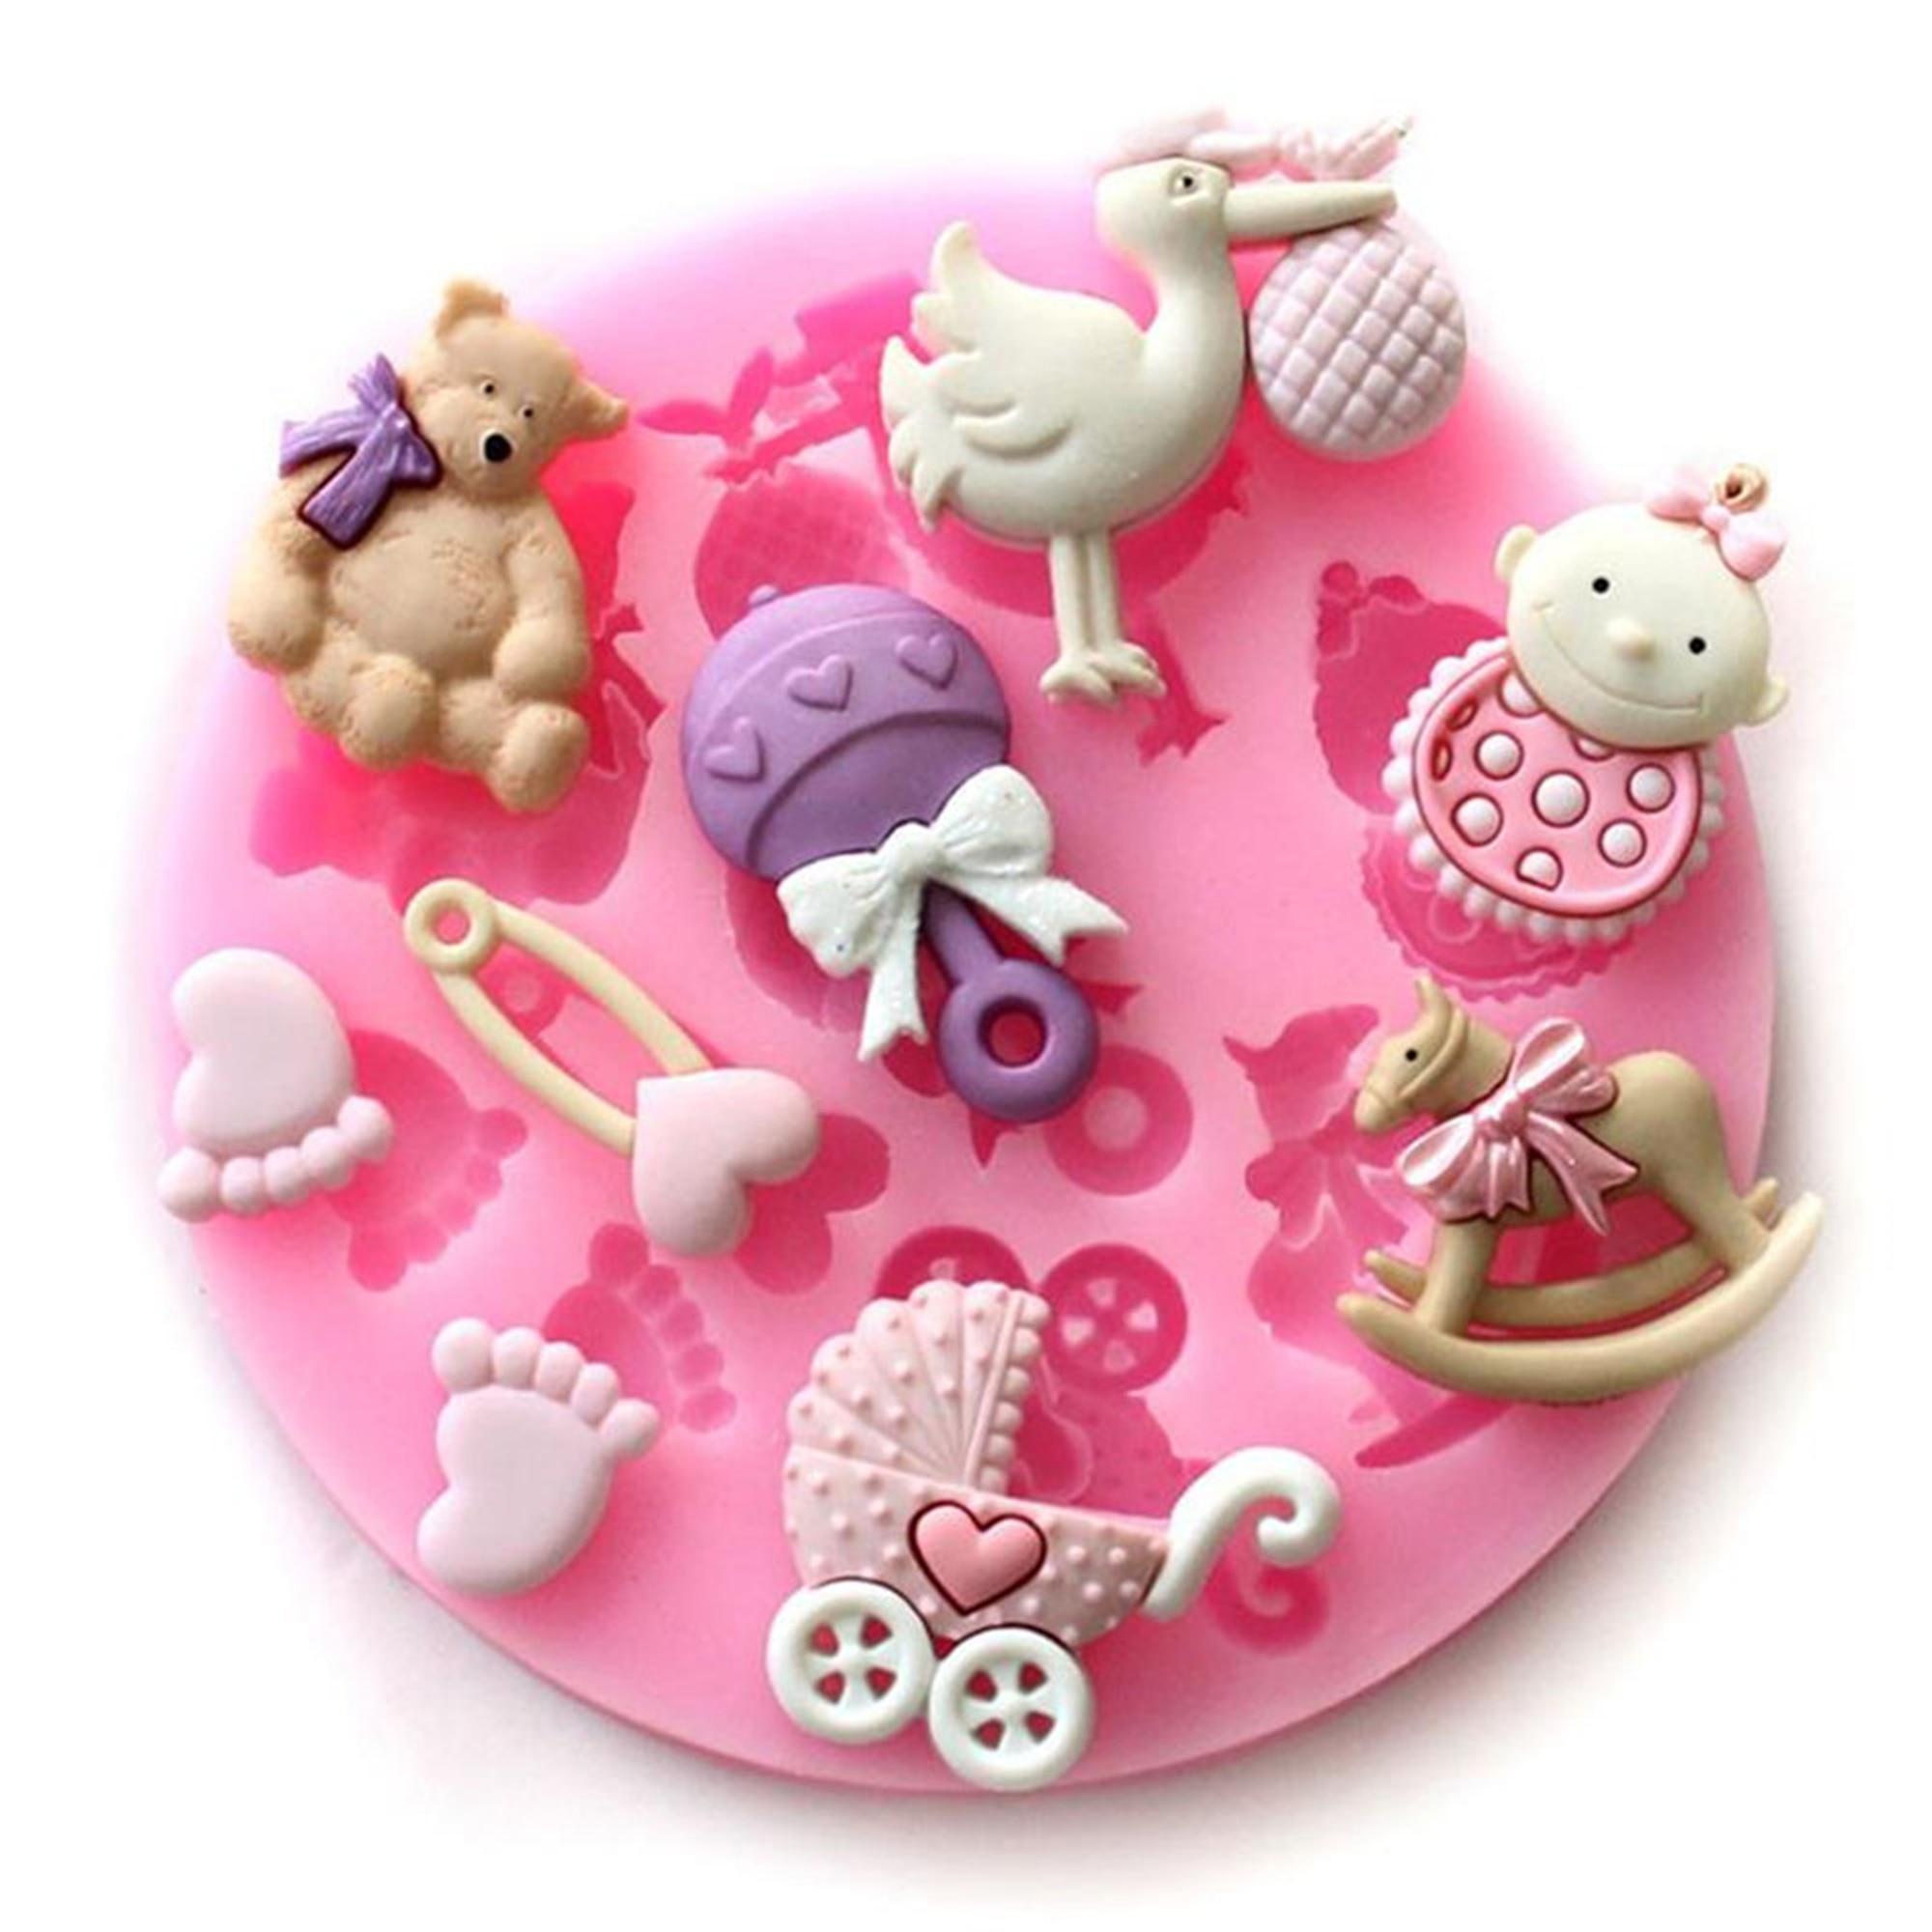 Силиконовая формы для помадки шоколада «сделай сам» для выпечки, украшения торта, кухонные инструменты м011